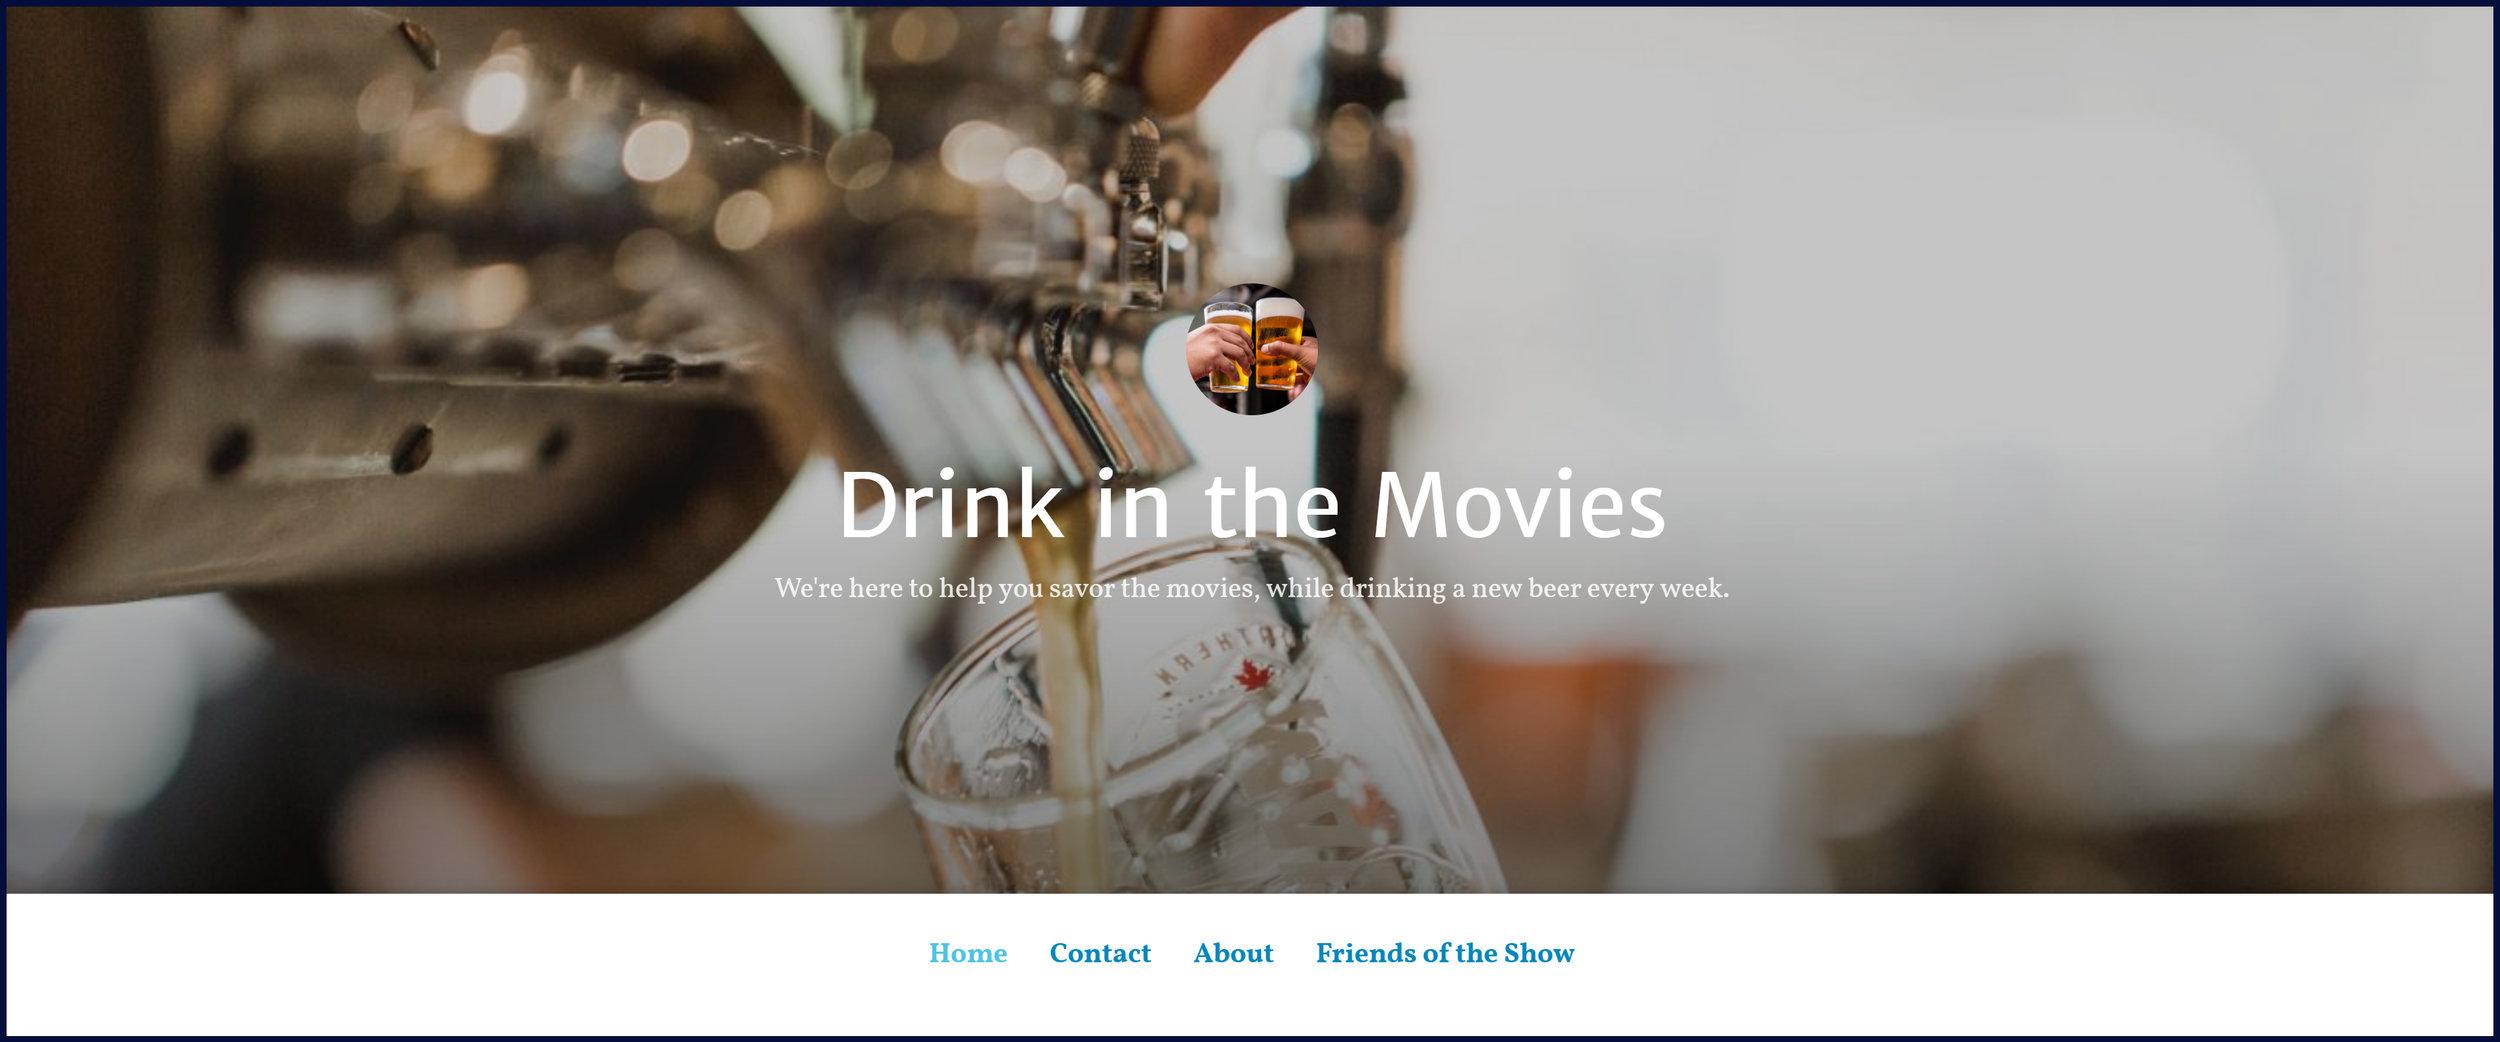 drinkinthemovies.jpg